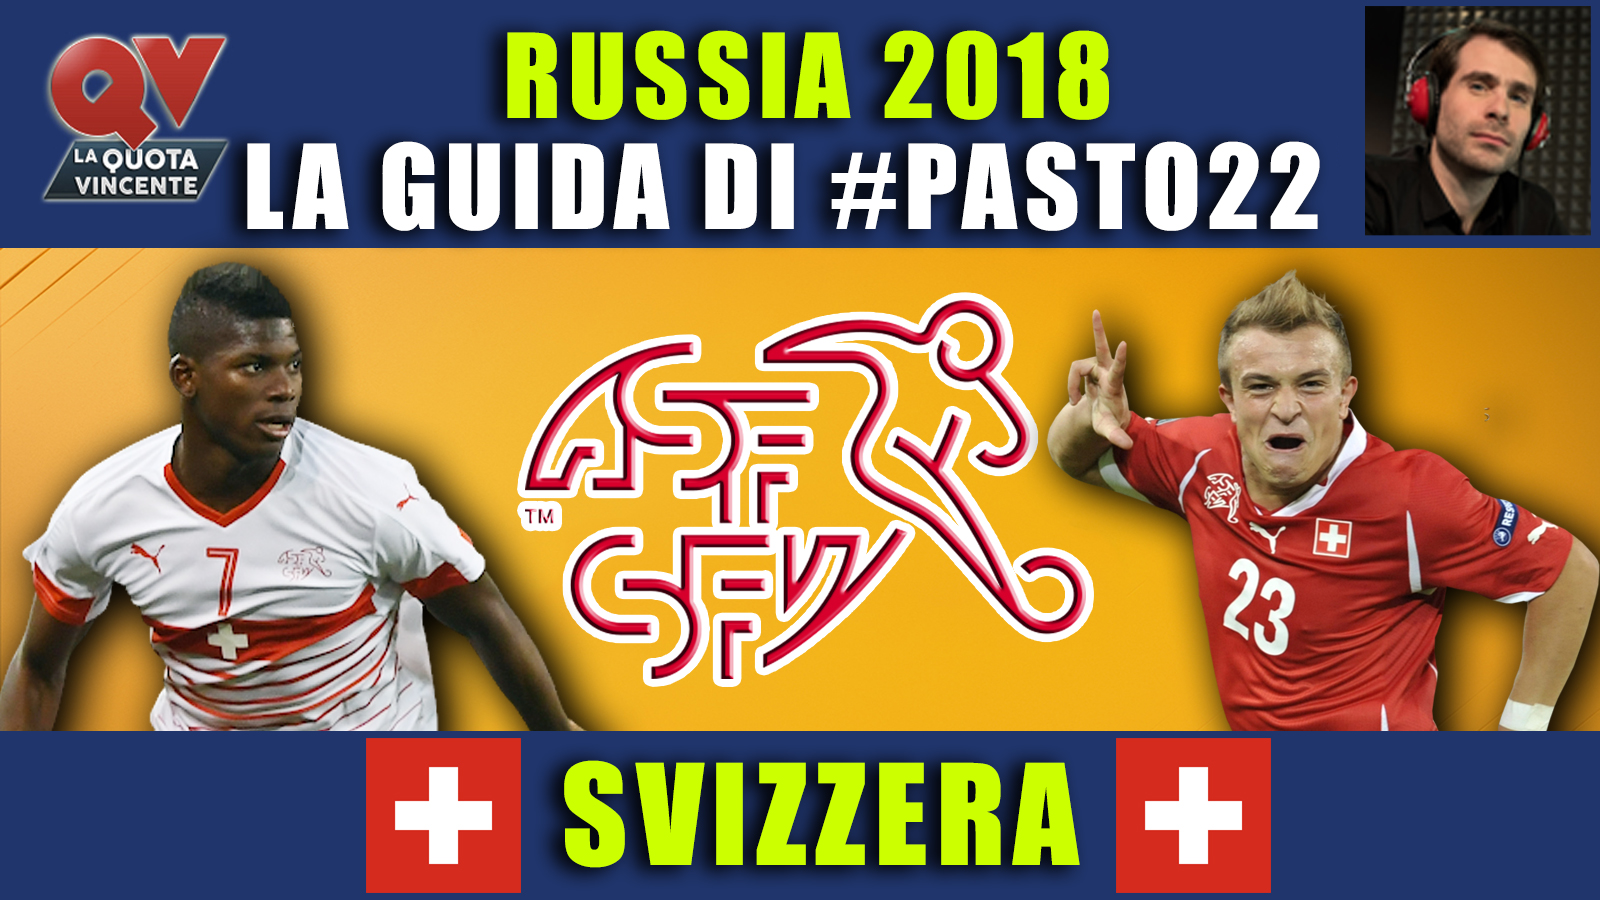 Guida Mondiali Russia 2018 Svizzera